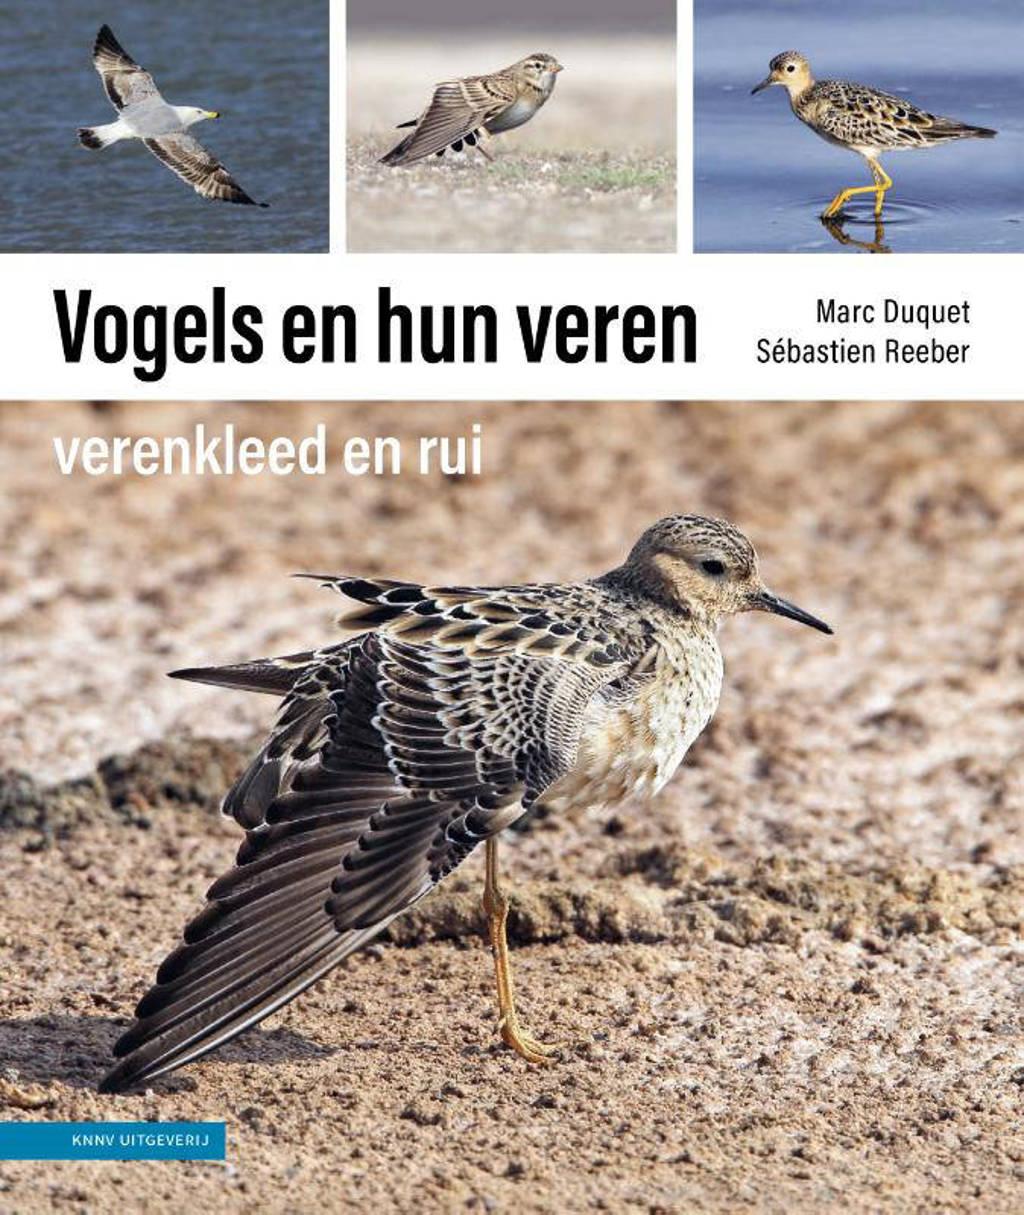 Vogels en hun veren - Marc Duquet en Sébastien Reeber